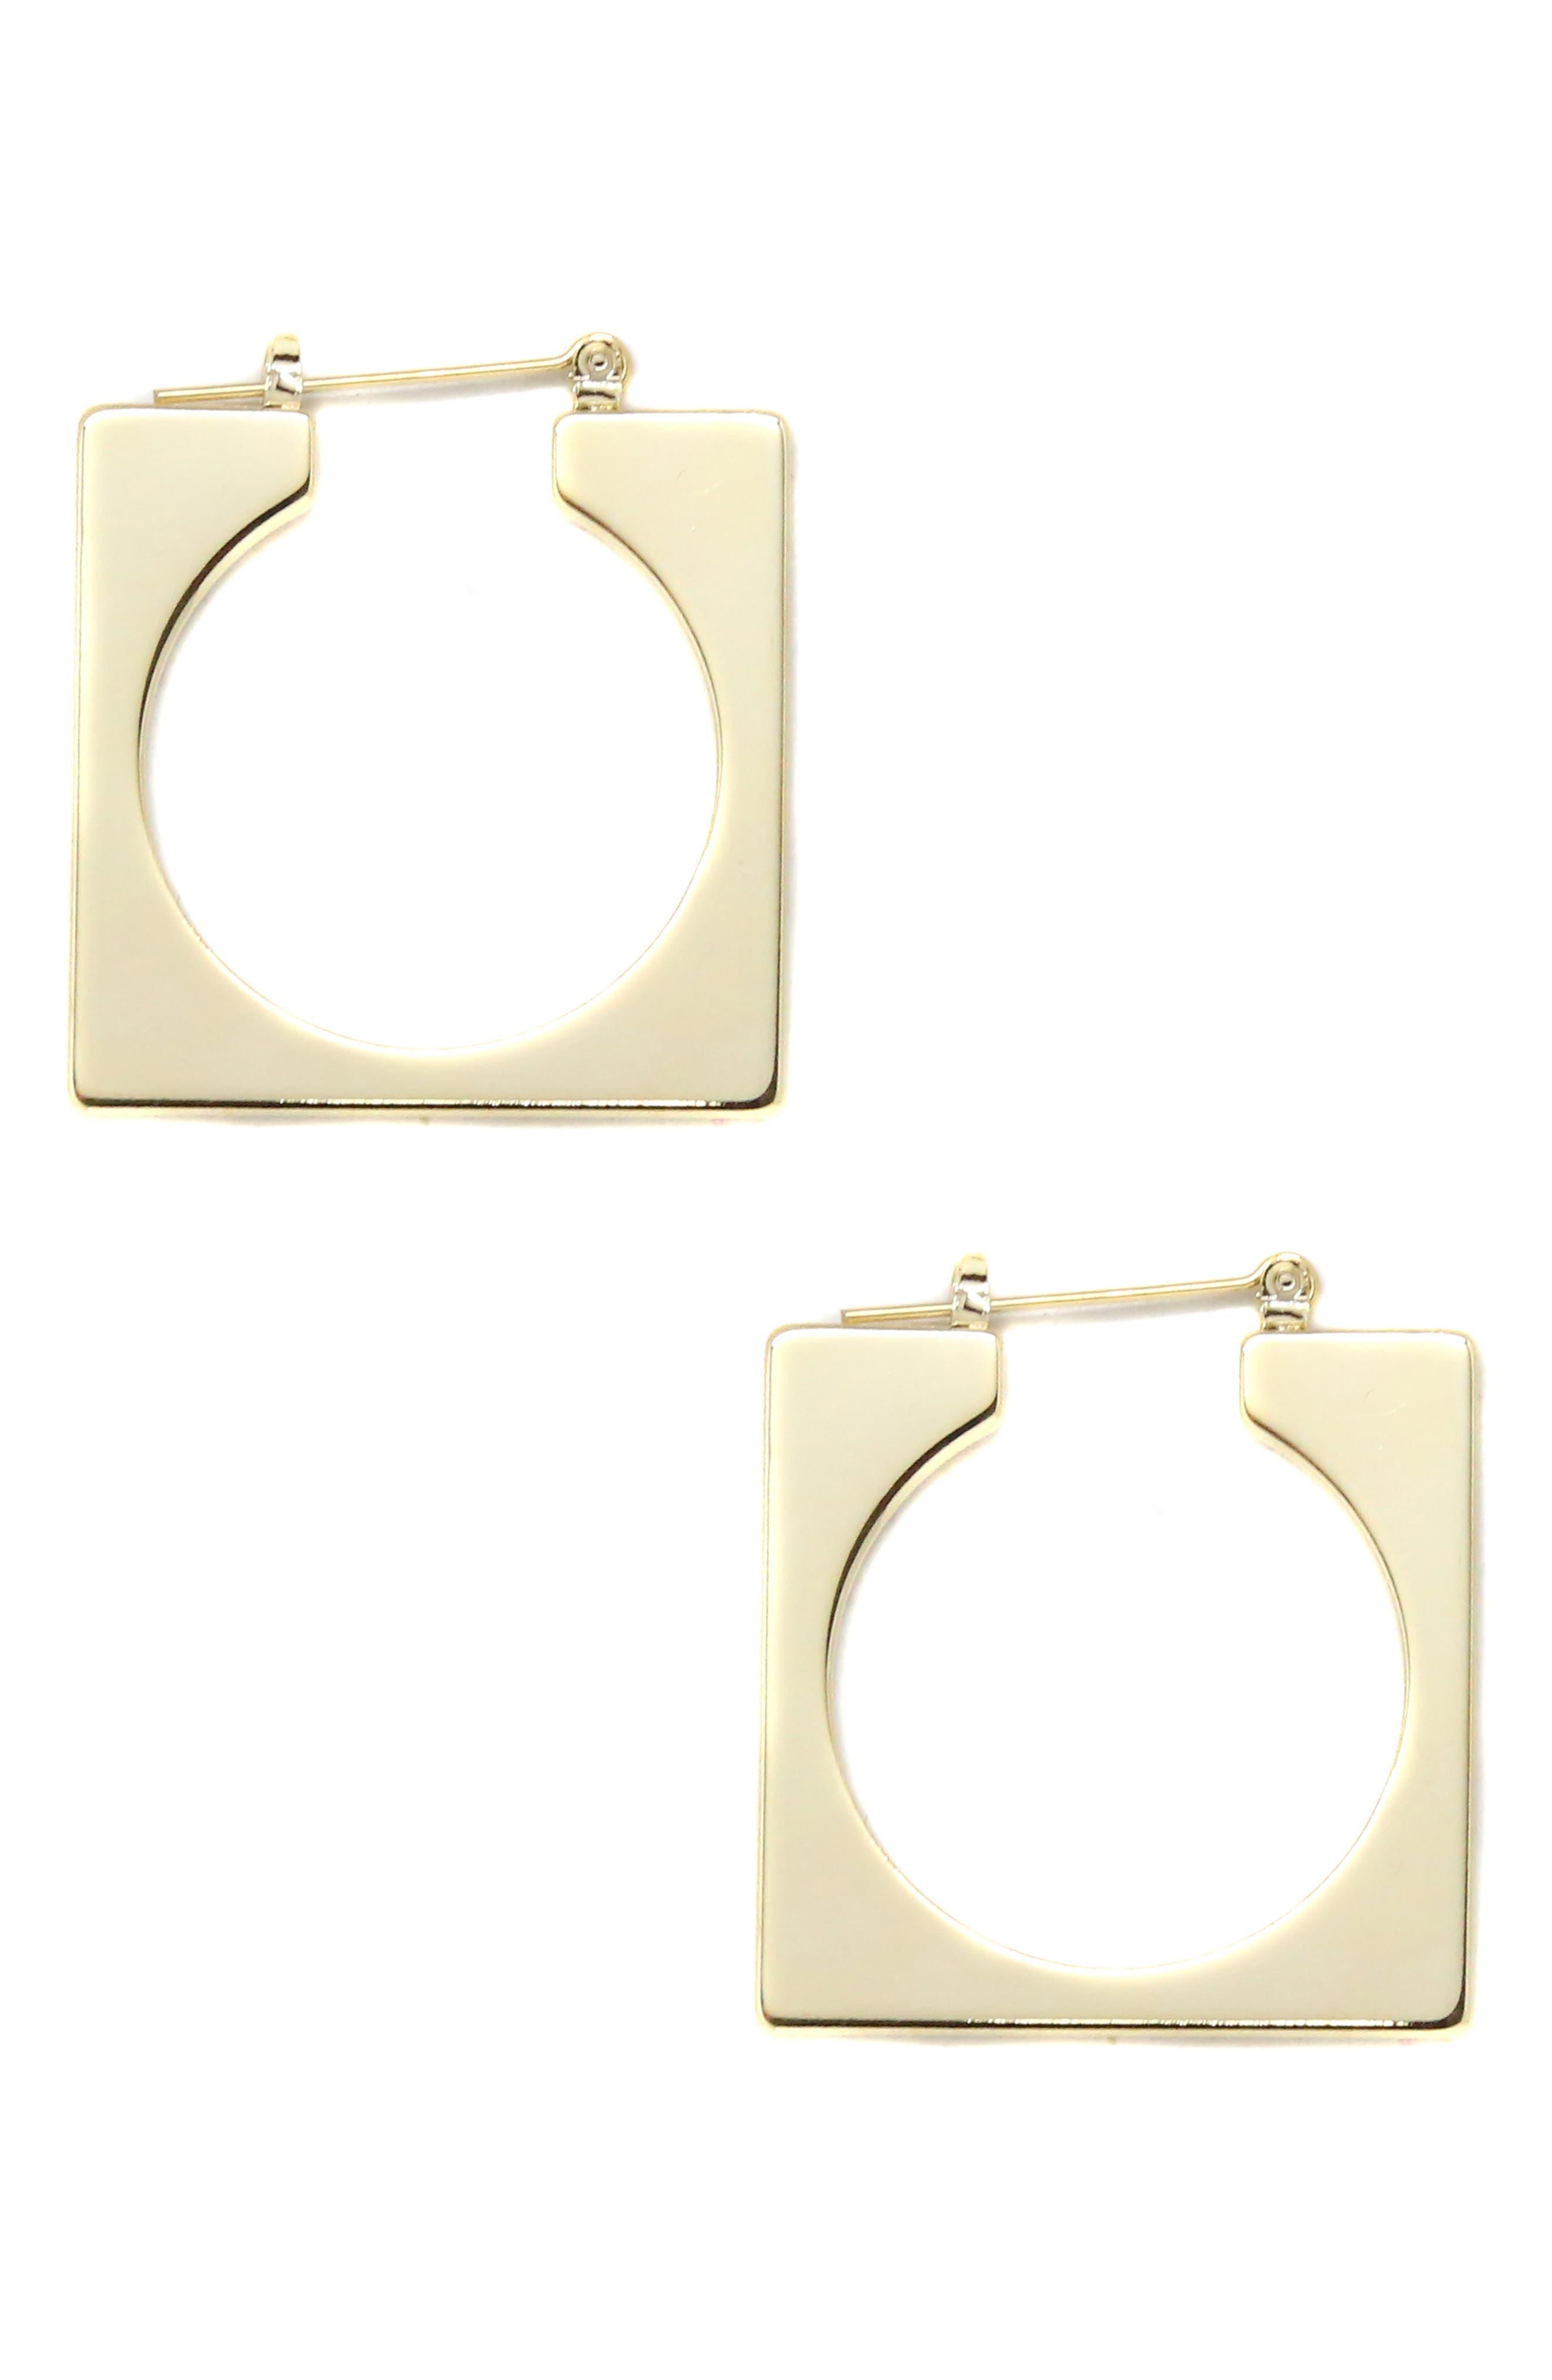 ETTIKA Geo Square Open Hoop Earrings in Gold